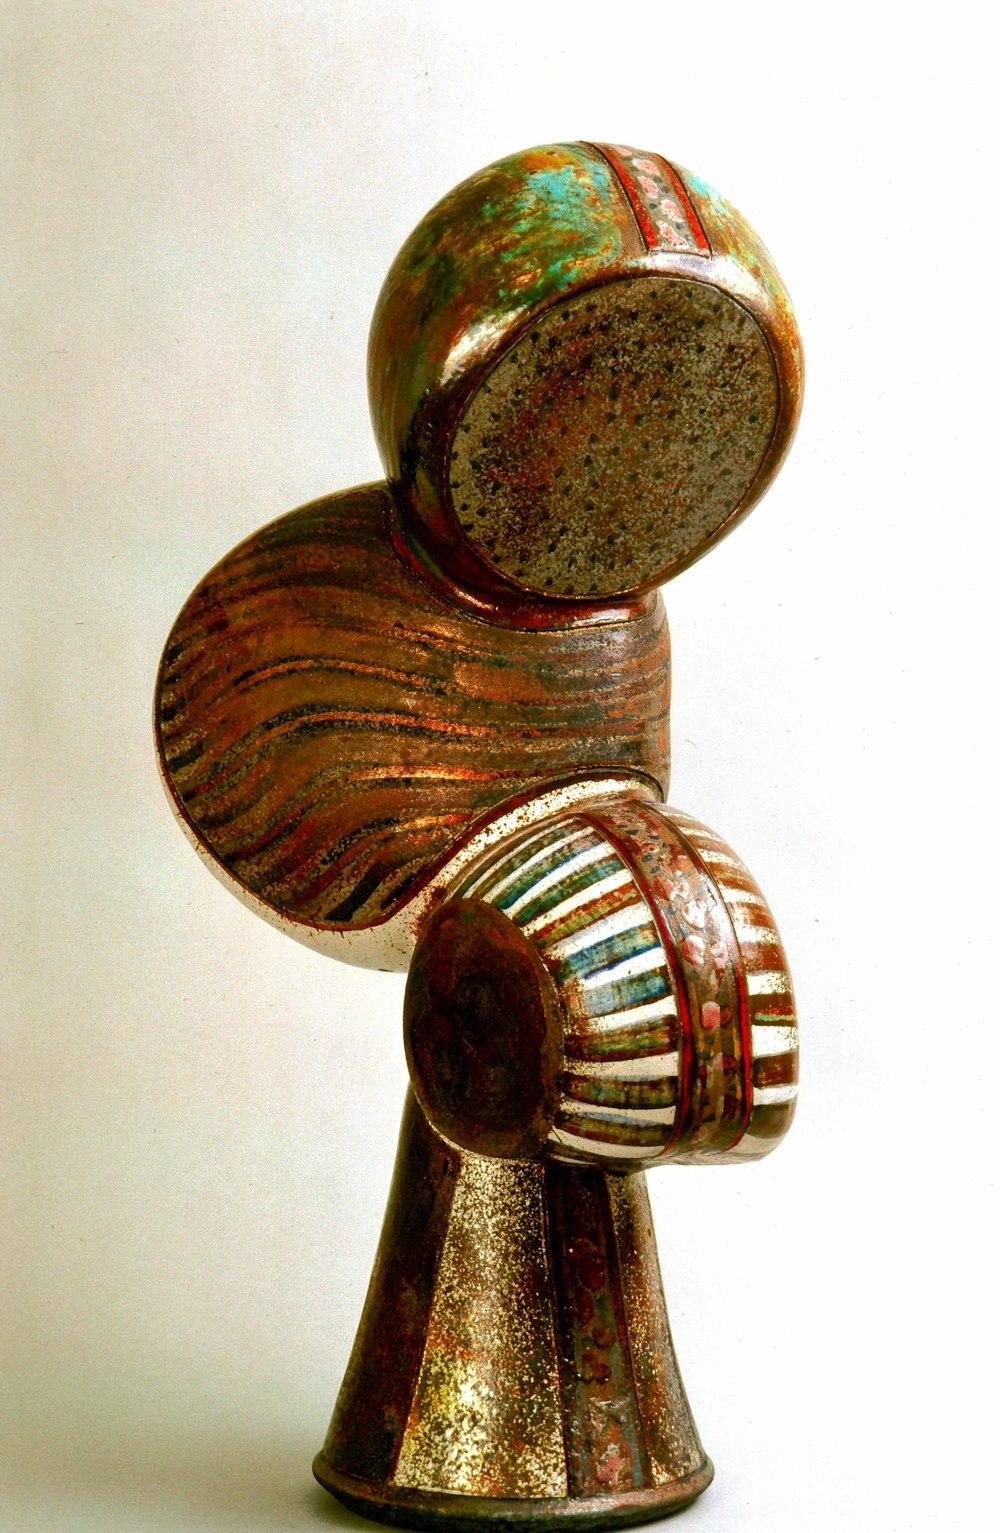 sculpture-50.jpg